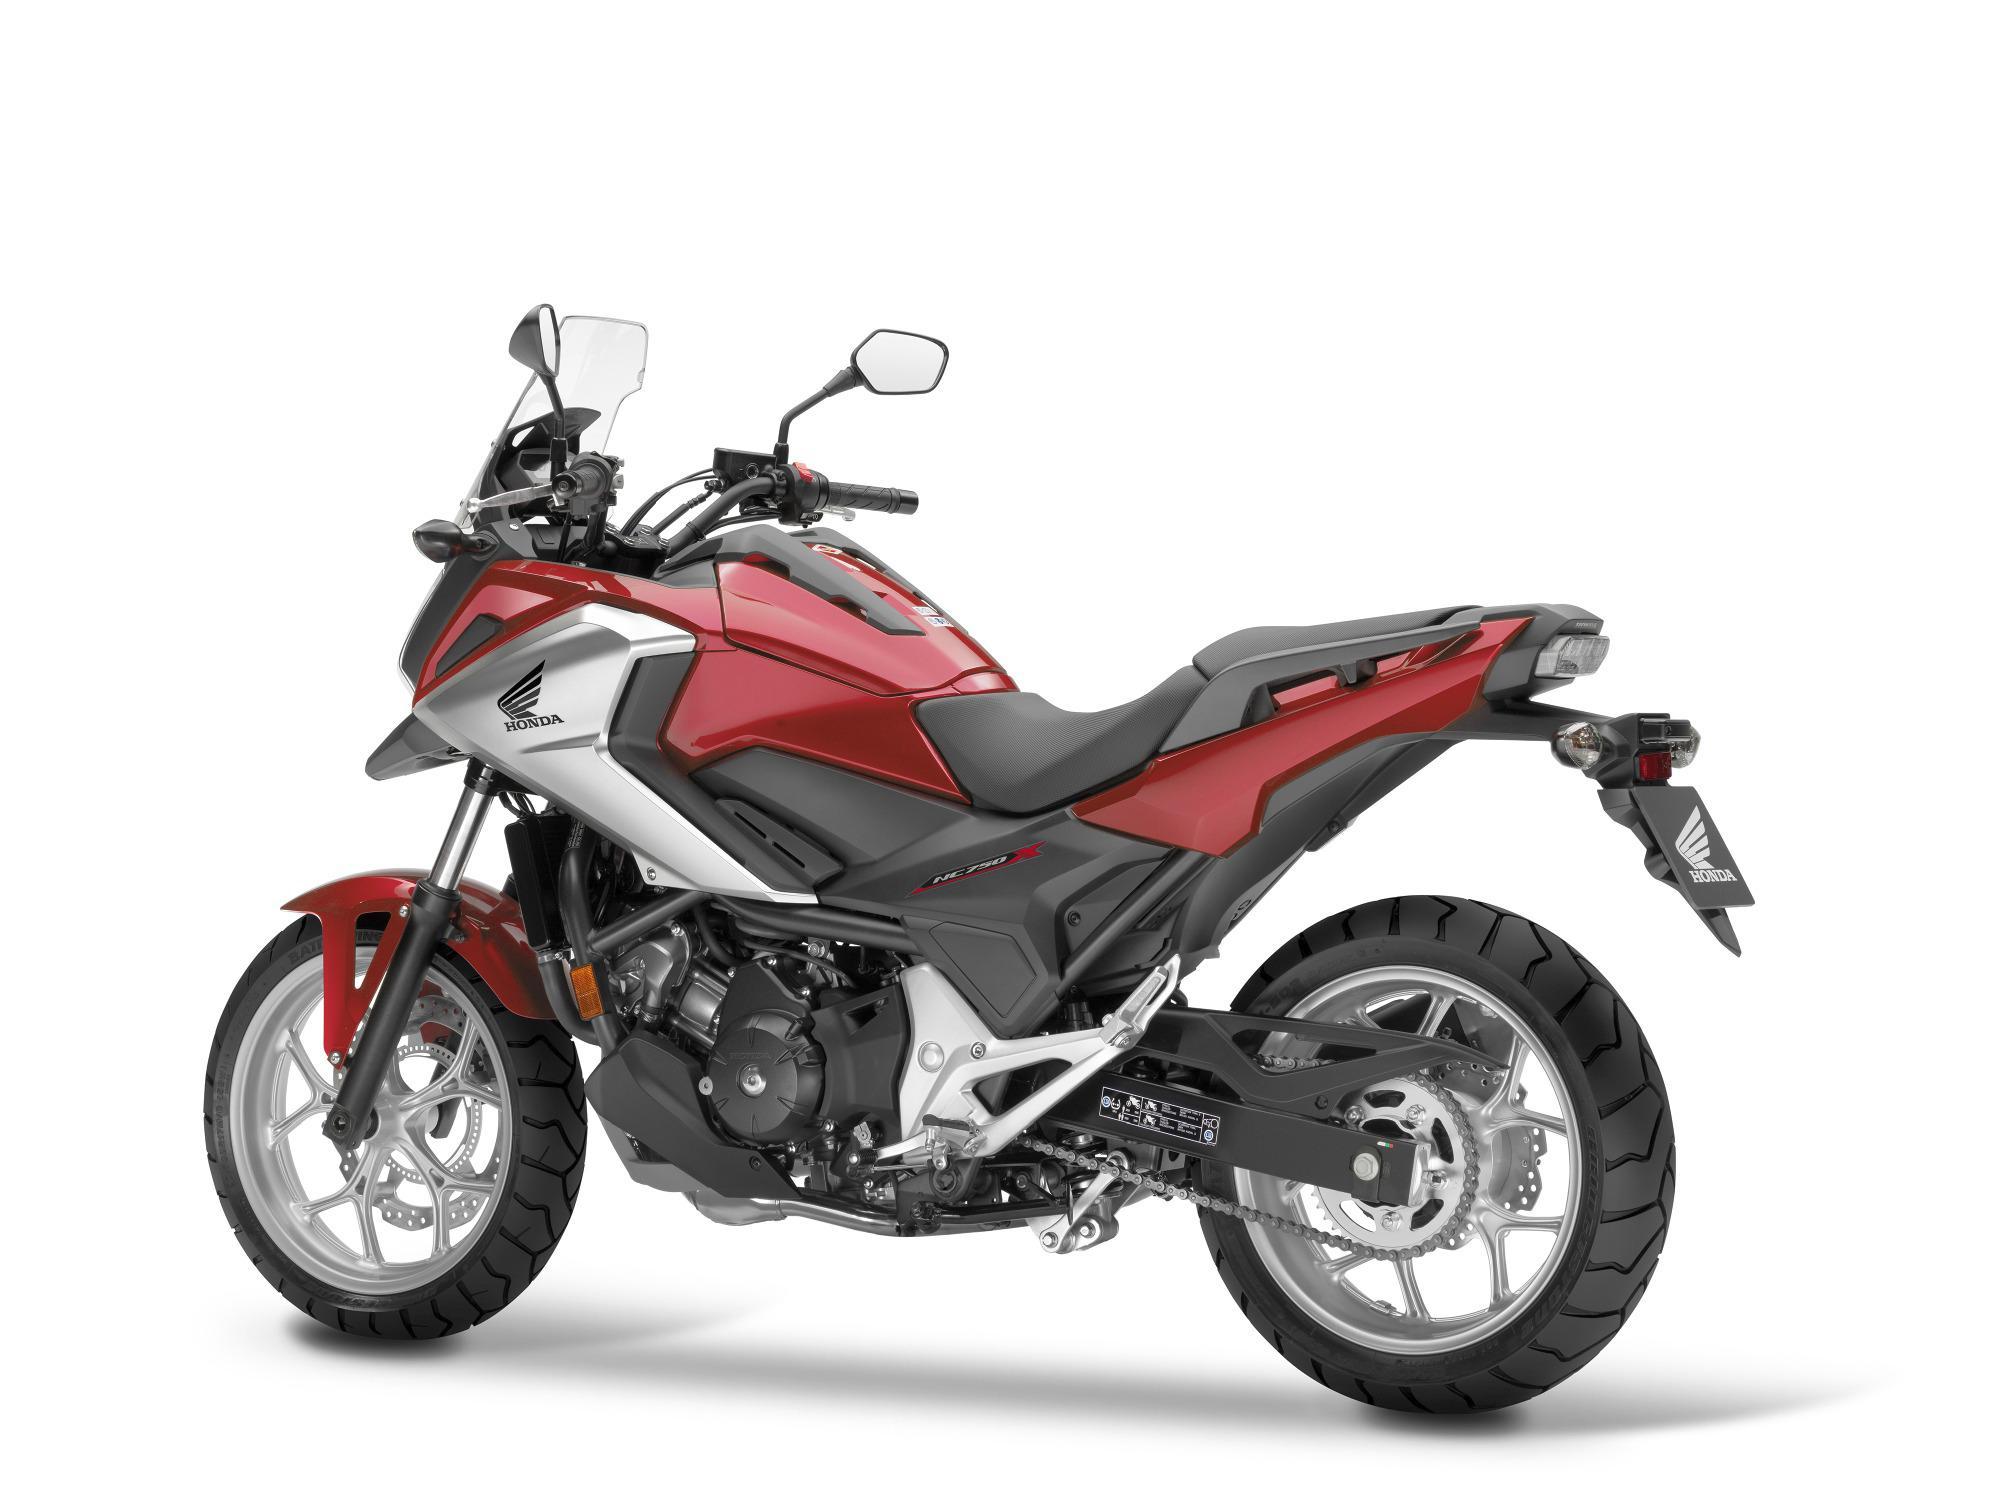 Honda NC750X 2016 Motorrad Fotos & Motorrad Bilder